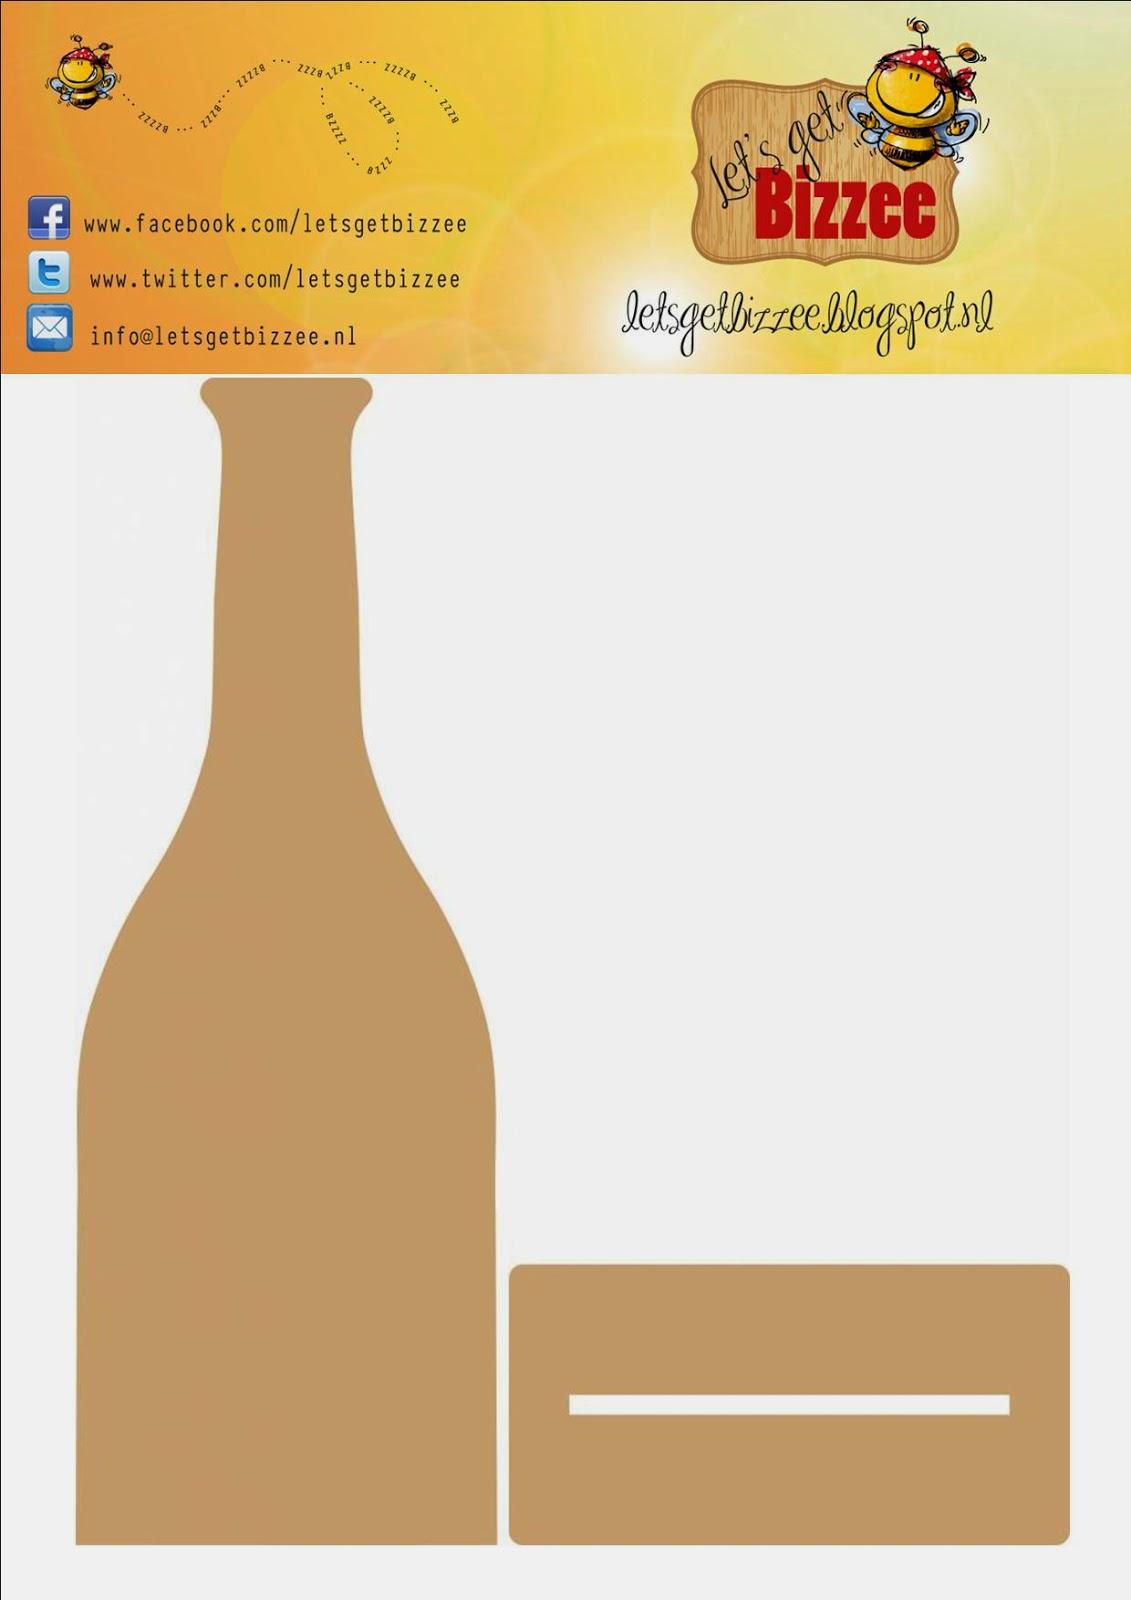 http://www.letsgetbizzee.nl/nl/lets-get-bizzee-mdf-champagnefles-met-voetje.html